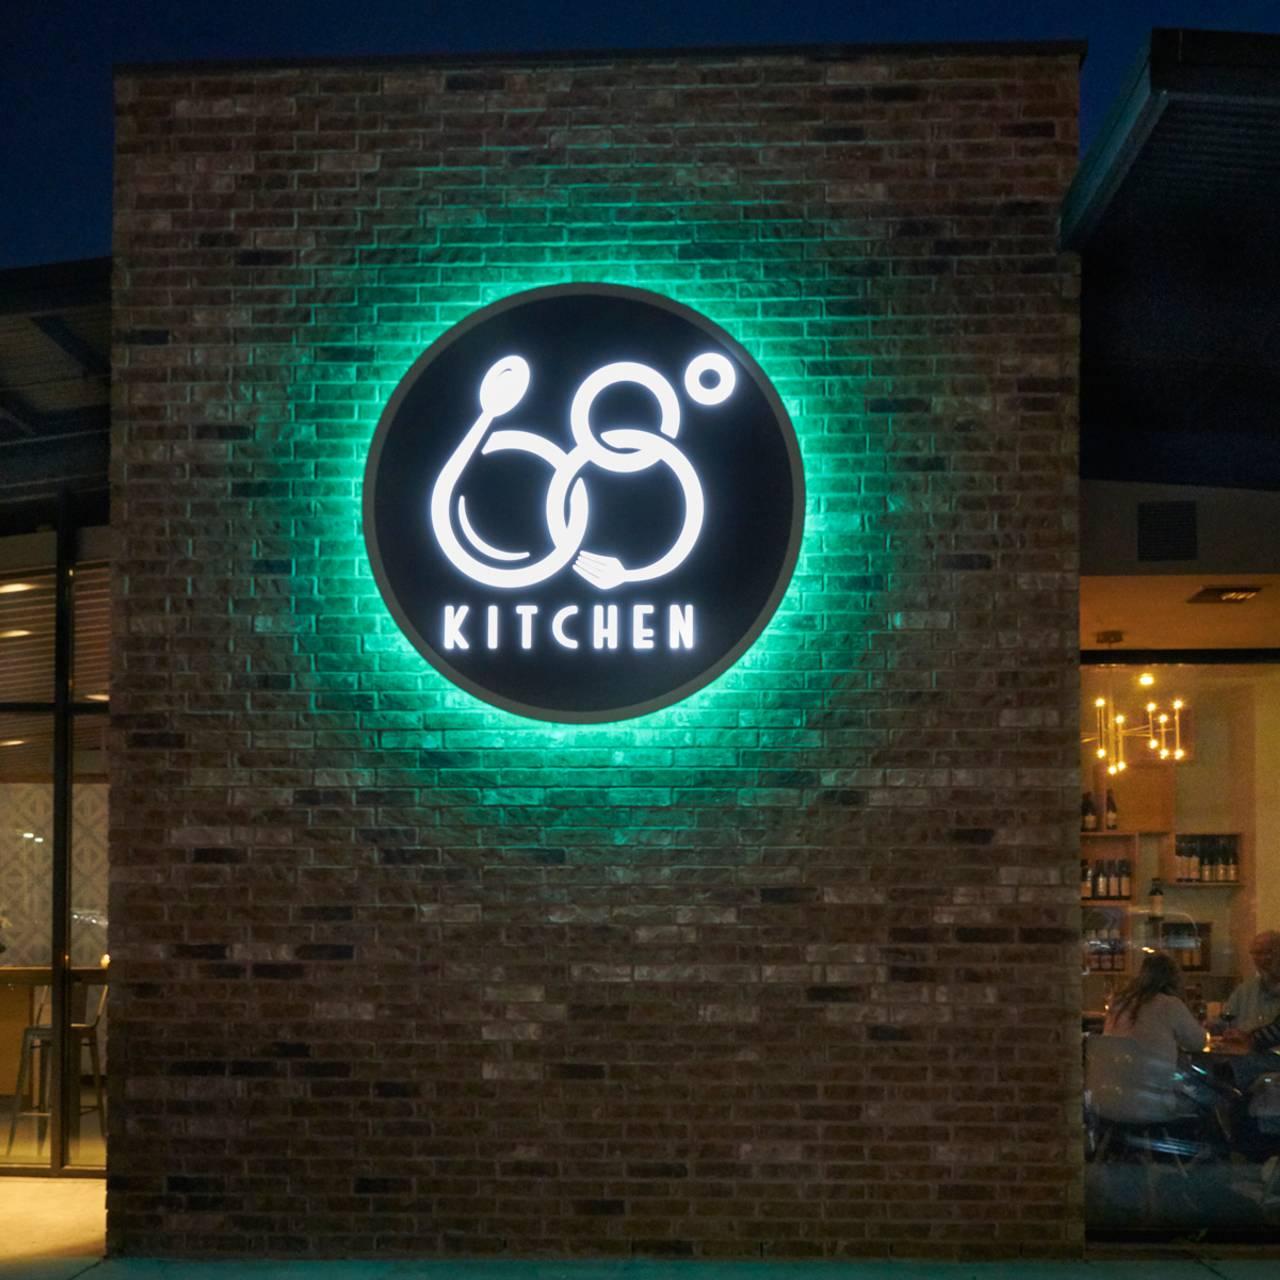 68 Degrees Restaurant - Austin, TX | OpenTable